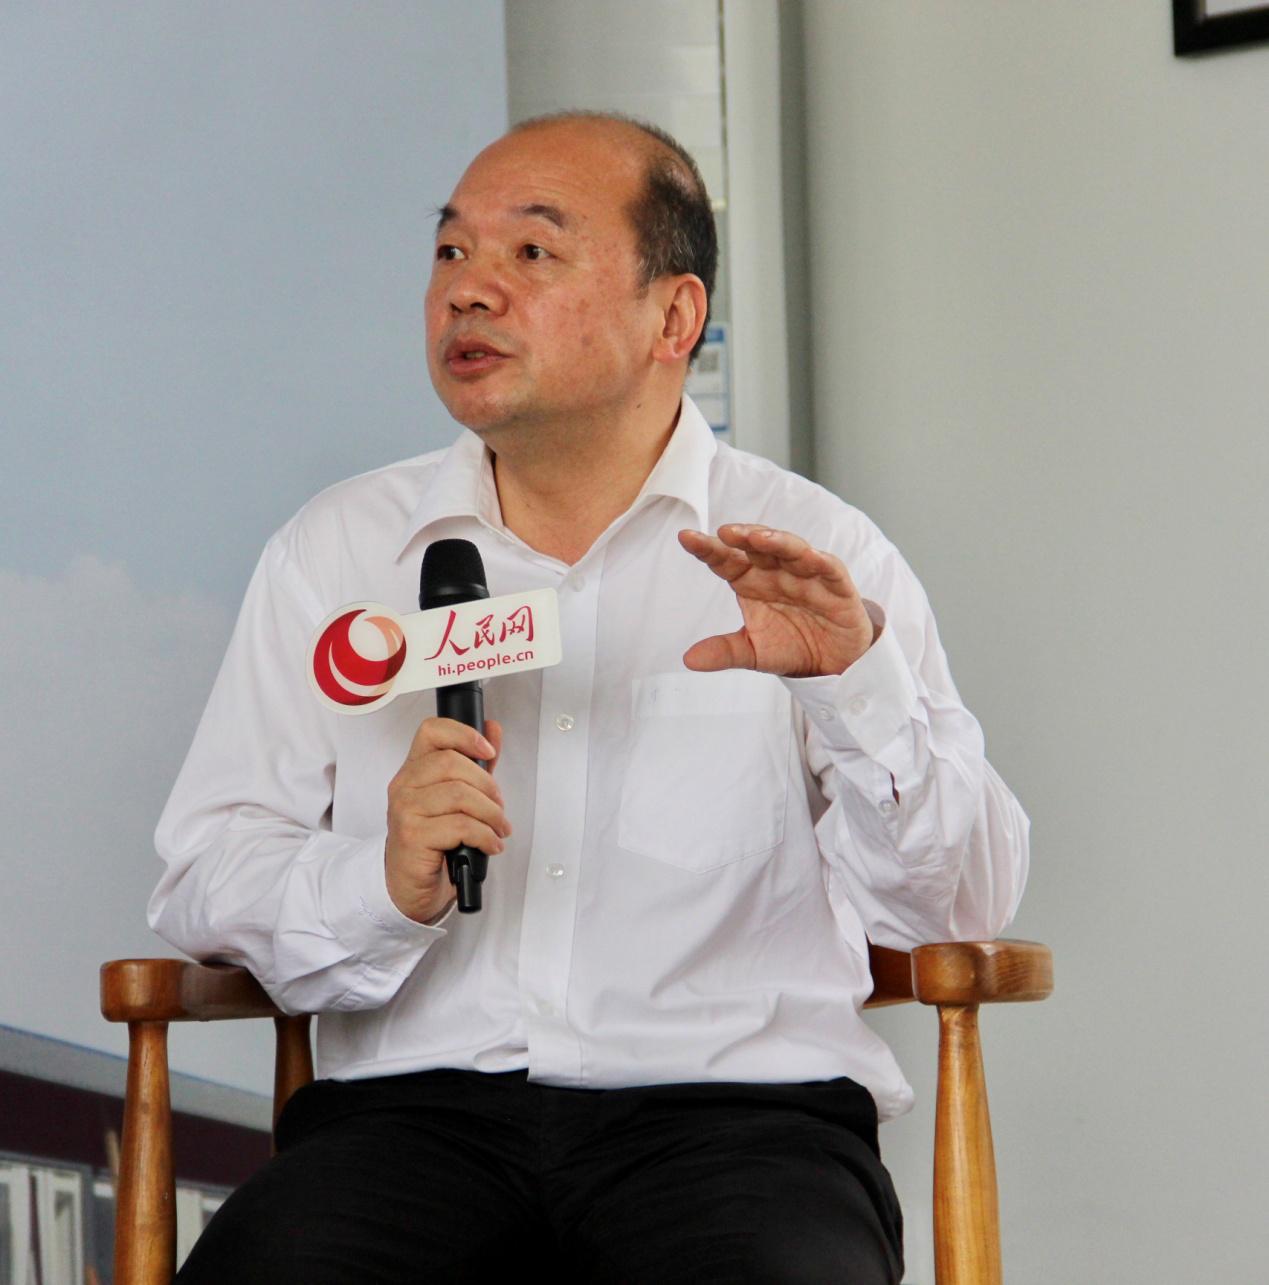 杨建国:政府工作报告定调要聚焦实体经济和营商环境